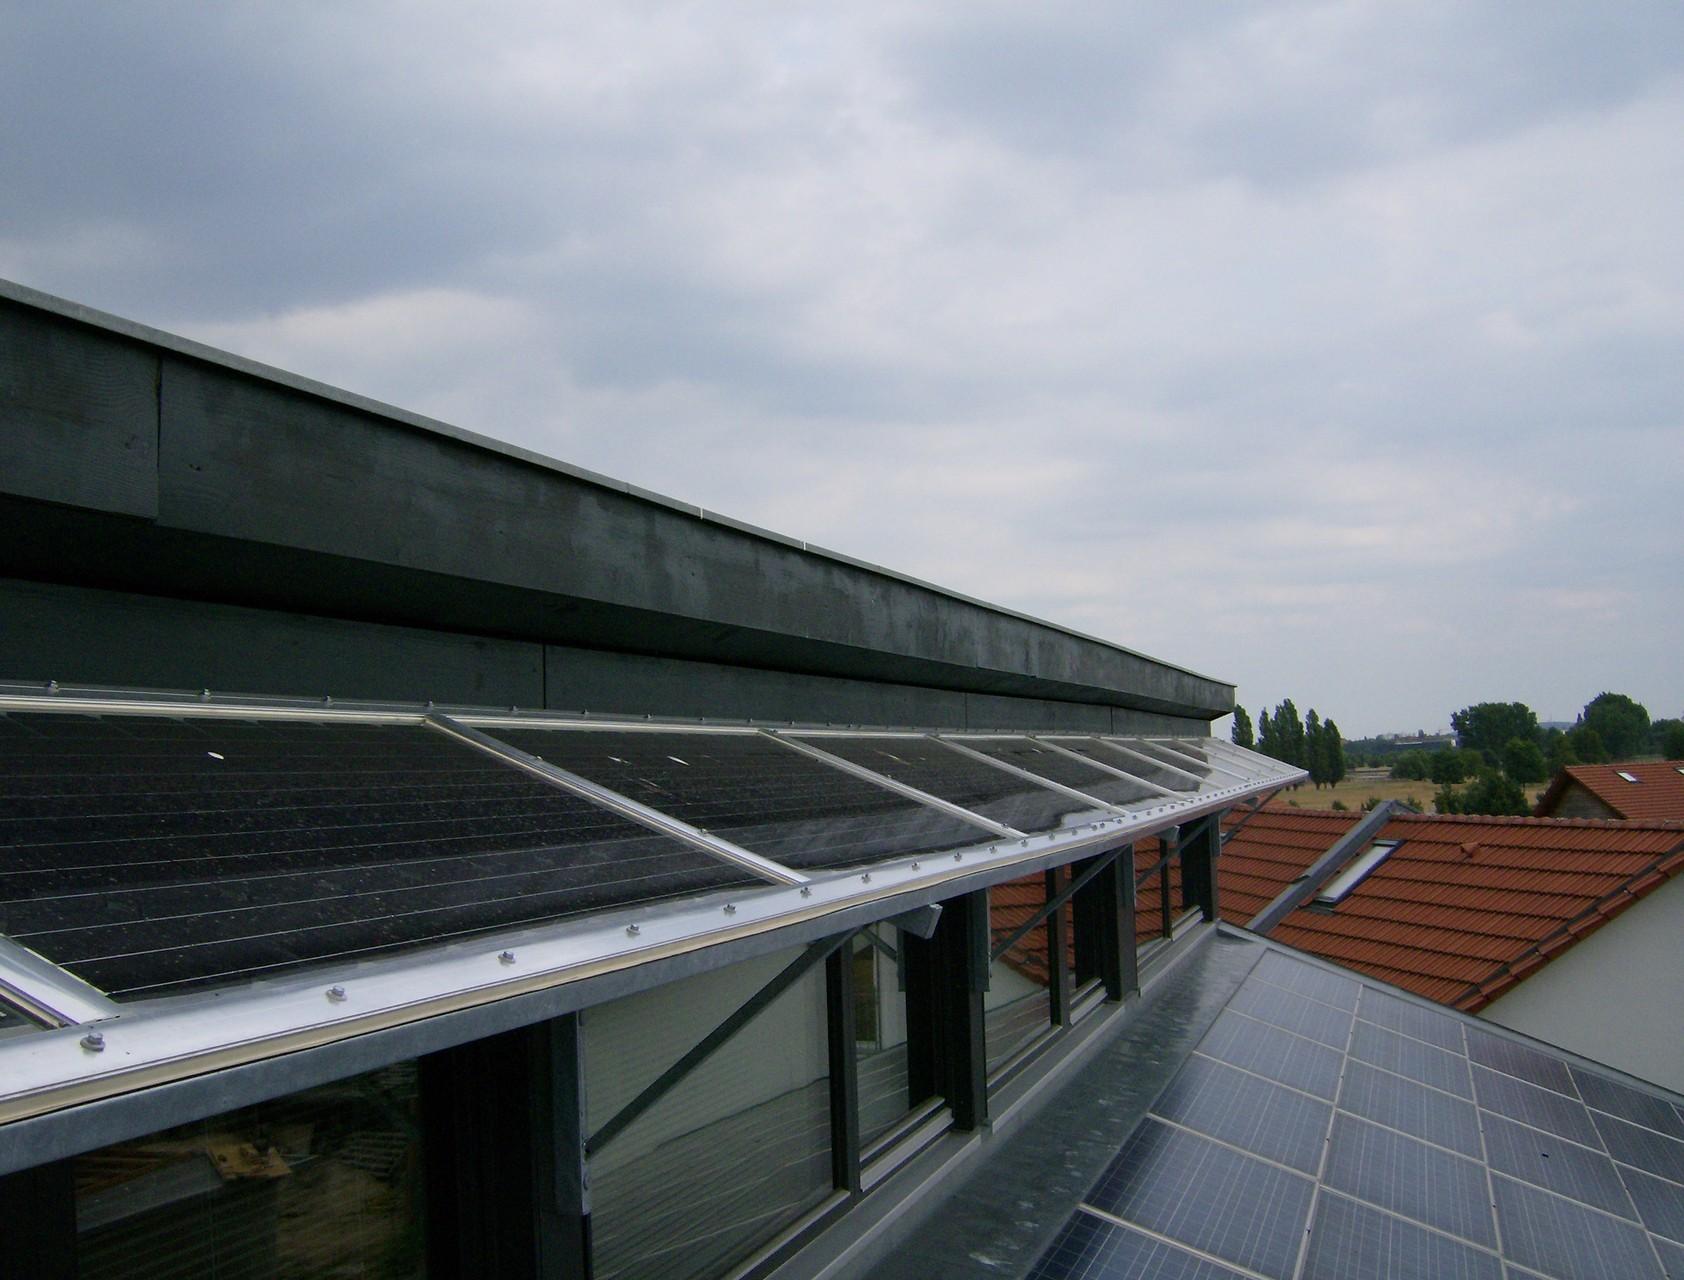 Verschattungssystem mit Glas/Glas Modulen Solarwatt und Indachlösung in Berlin